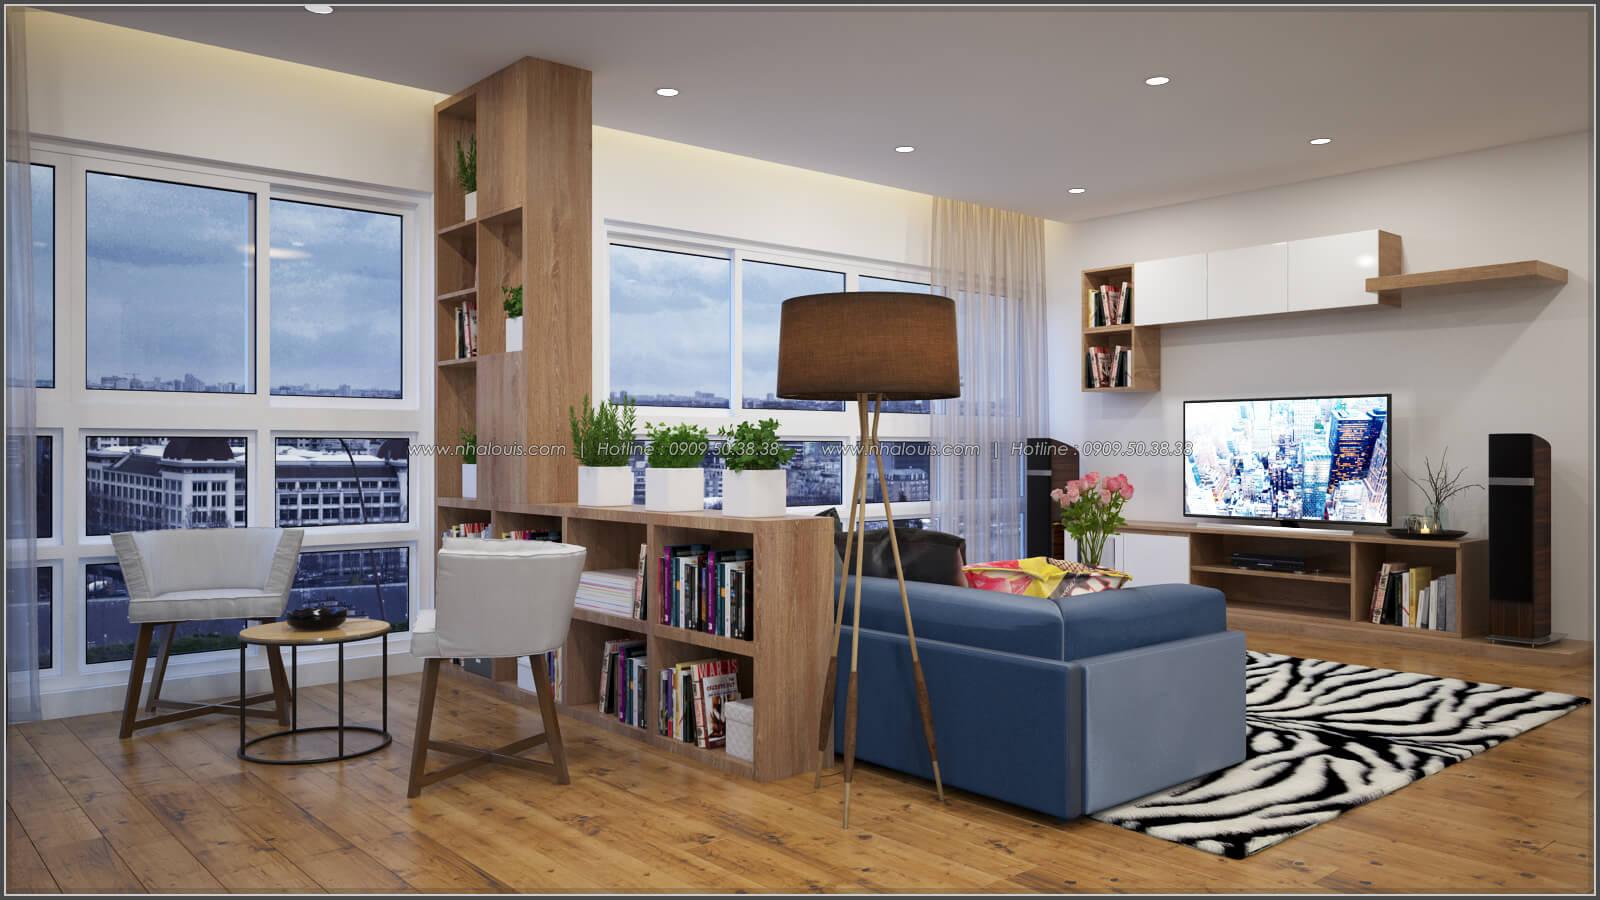 Phòng khách Thiết kế căn hộ chung cư 3 phòng ngủ Happy Valley quận 7 - 3